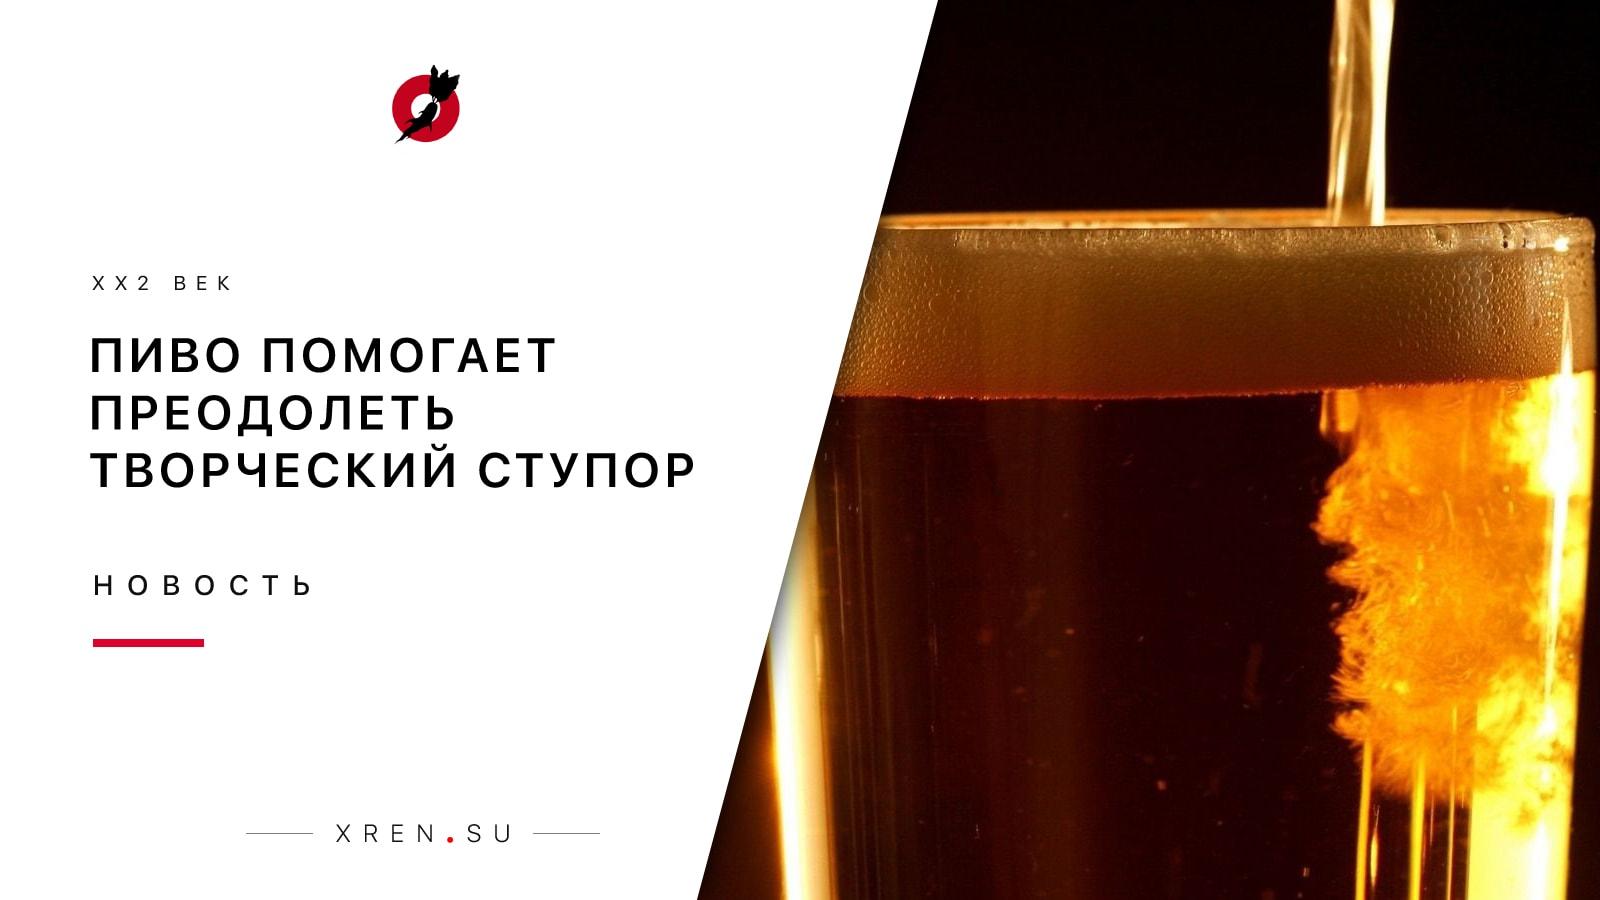 Учёные утверждают, что пиво помогает преодолеть творческий ступор